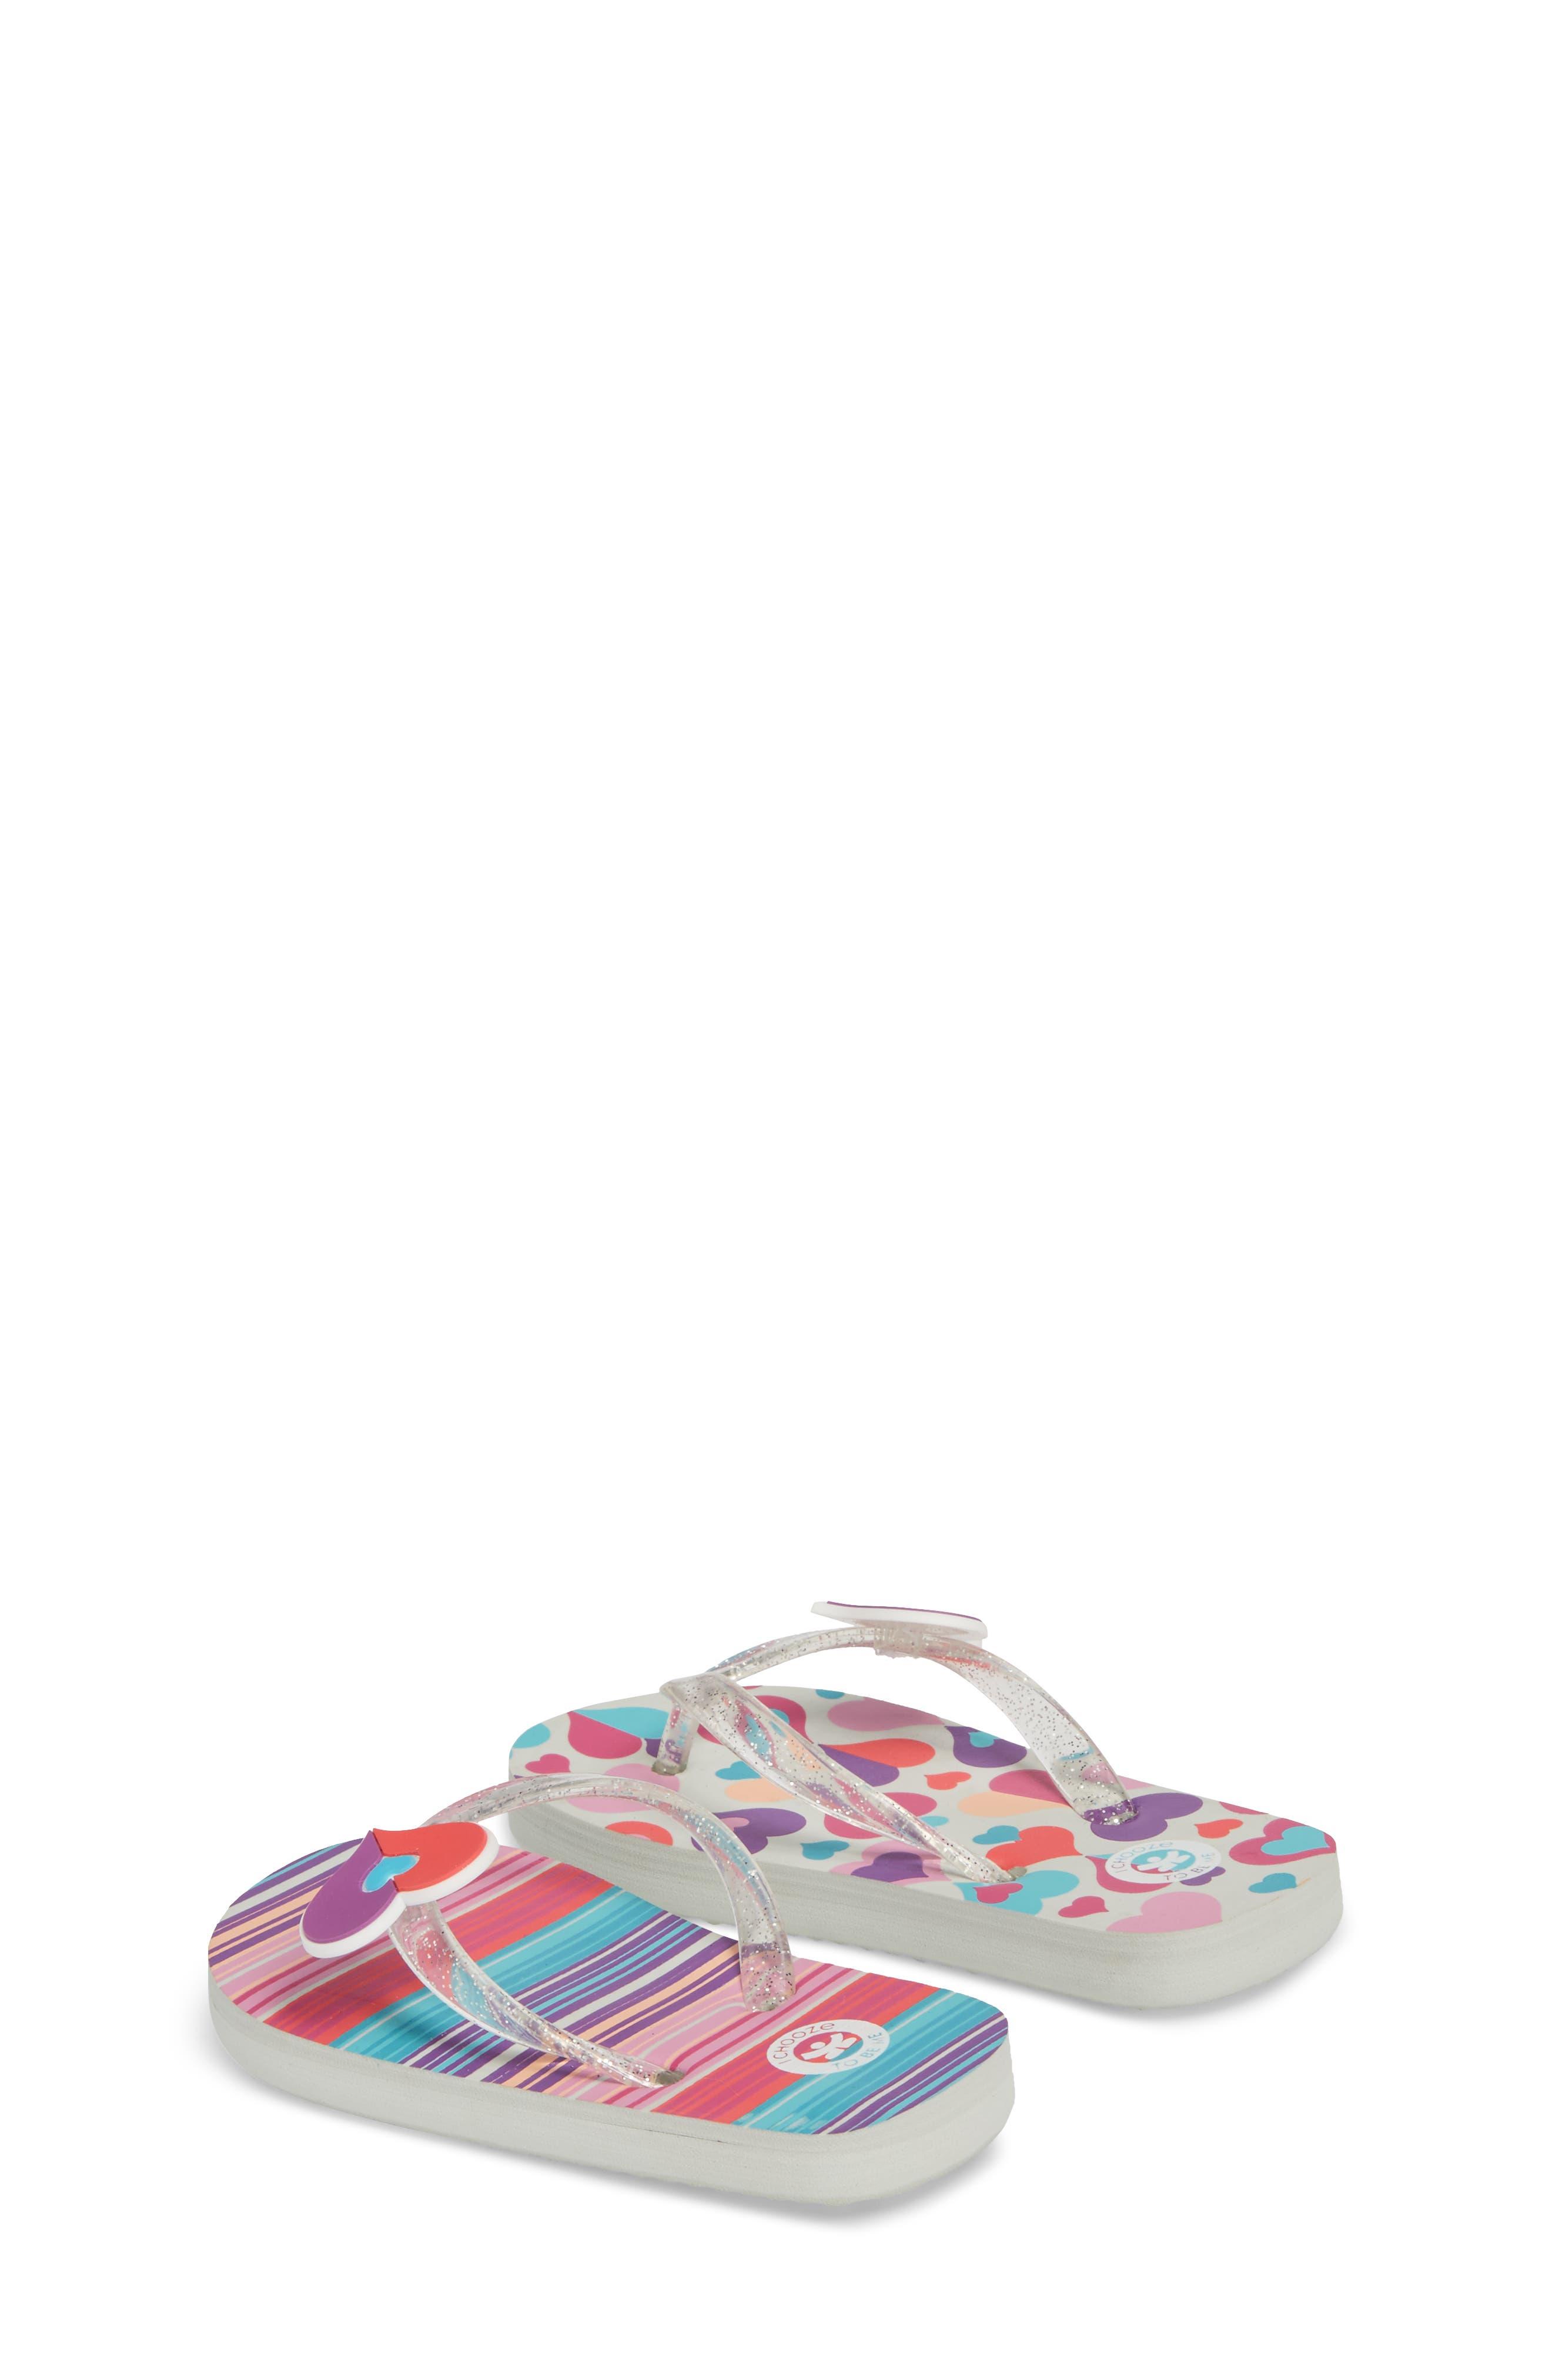 Alternate Image 2  - CHOOZE Print Flip Flop (Toddler, Little Kid & Big Kid)